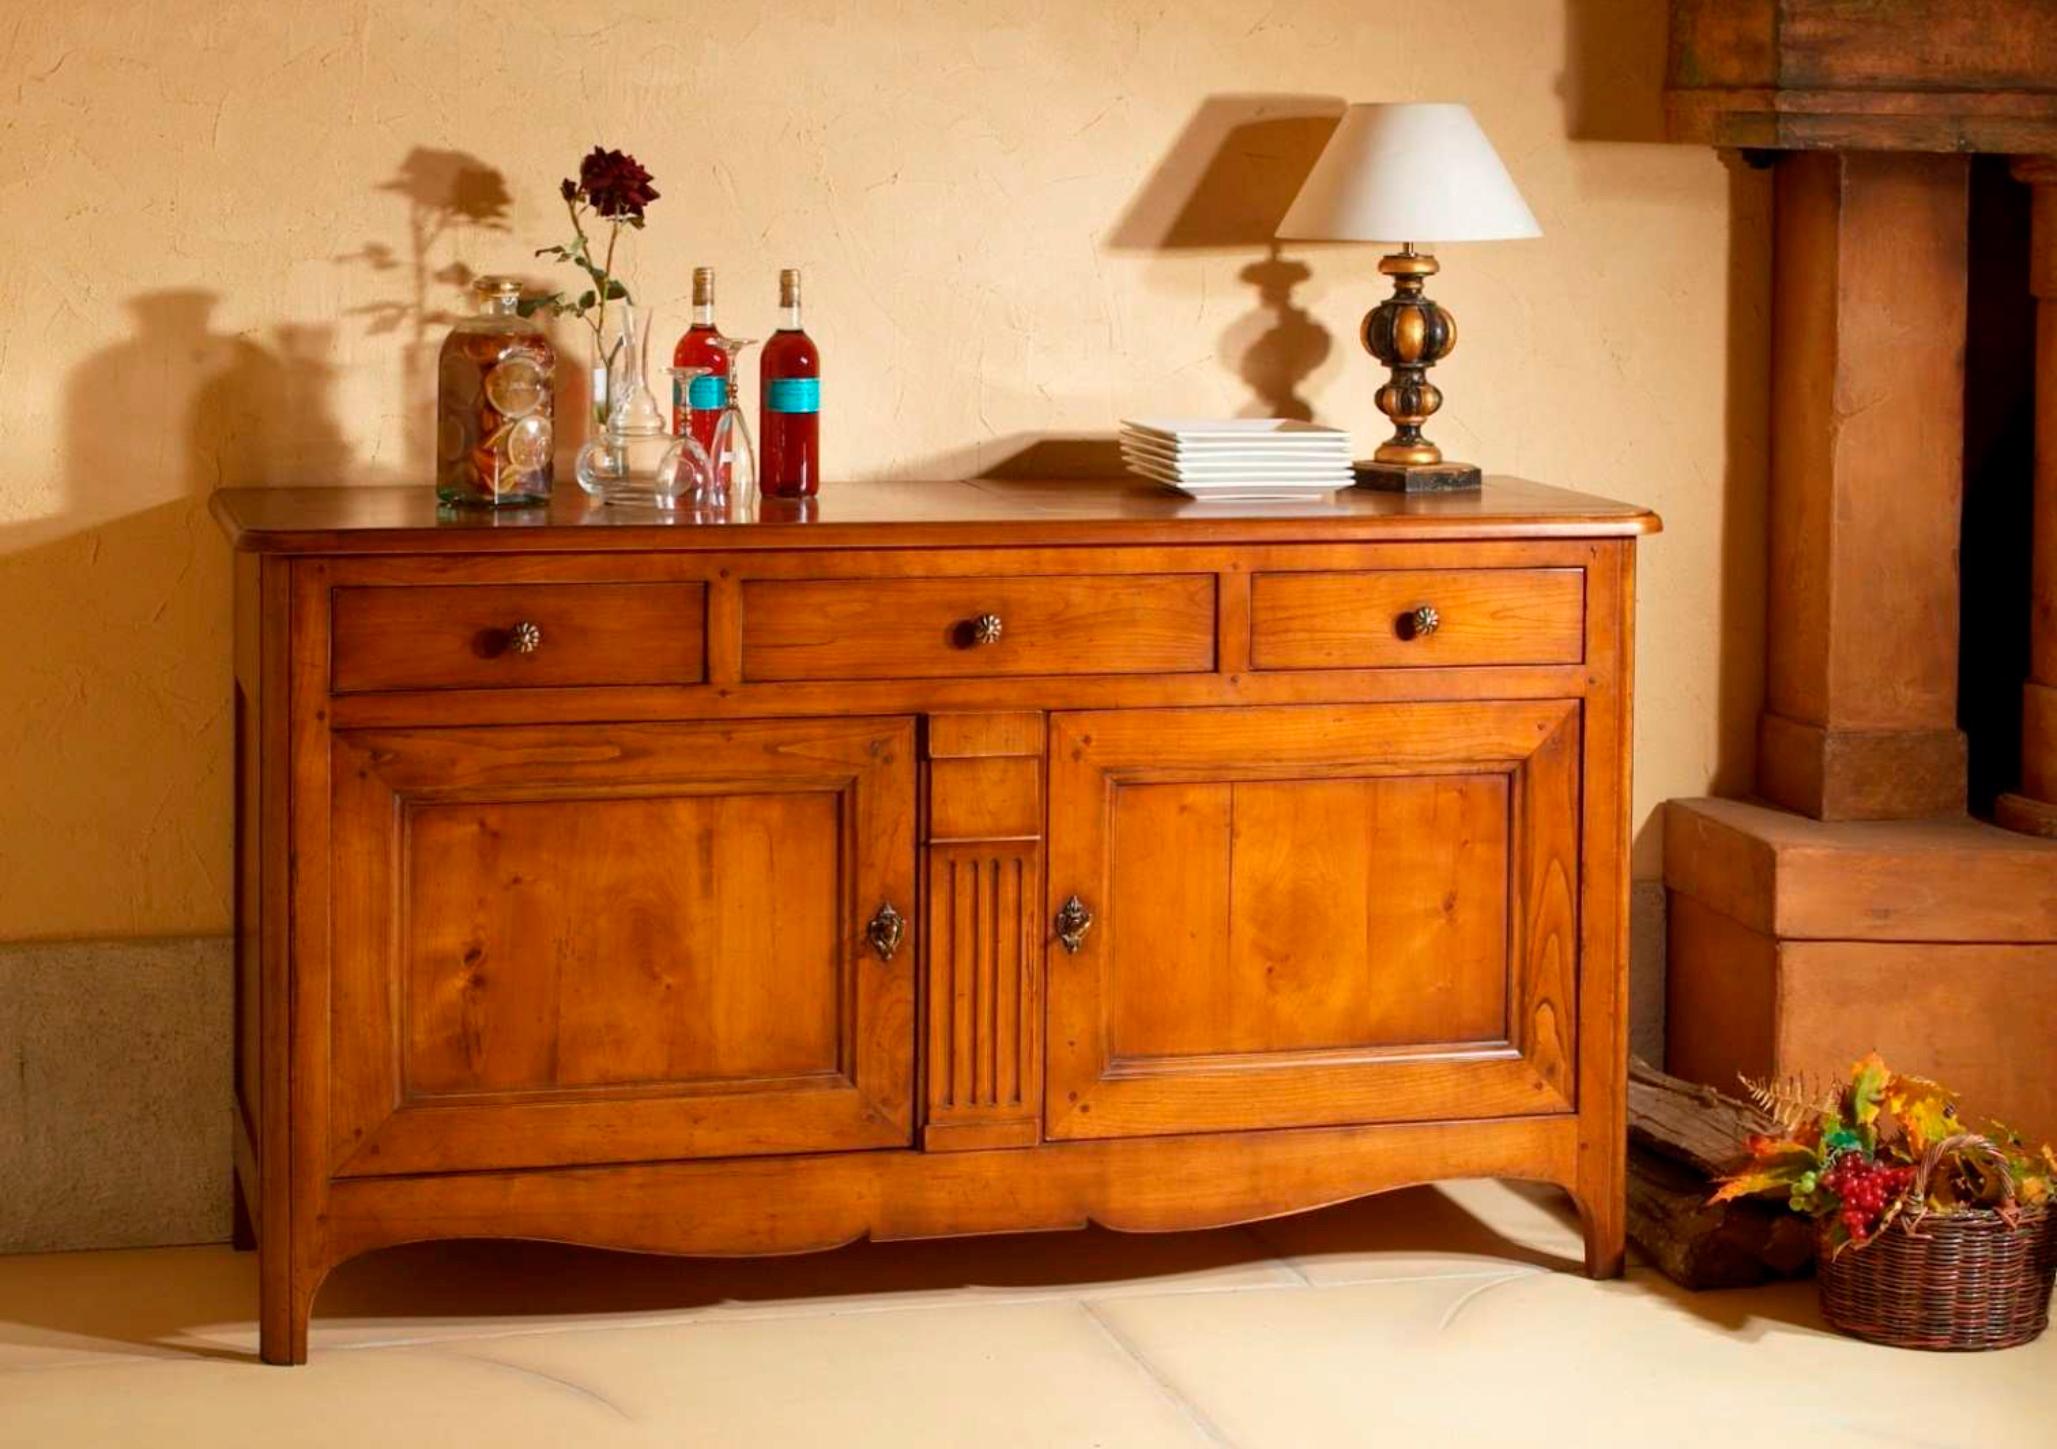 meubles richelieu buffet 2 portes de style directoire. Black Bedroom Furniture Sets. Home Design Ideas